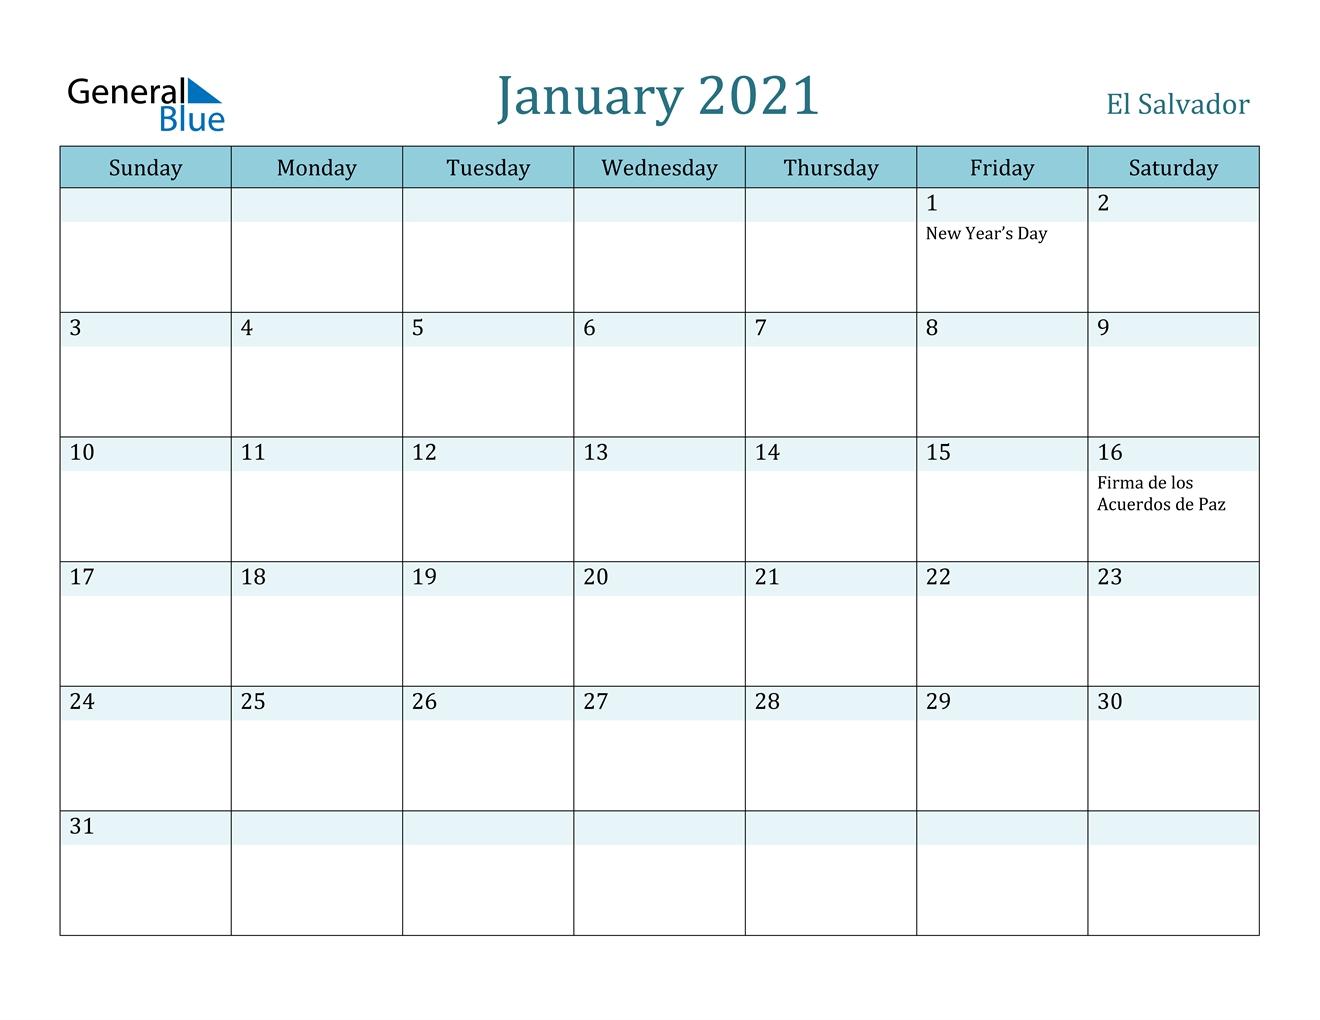 January 2021 Calendar El Salvador